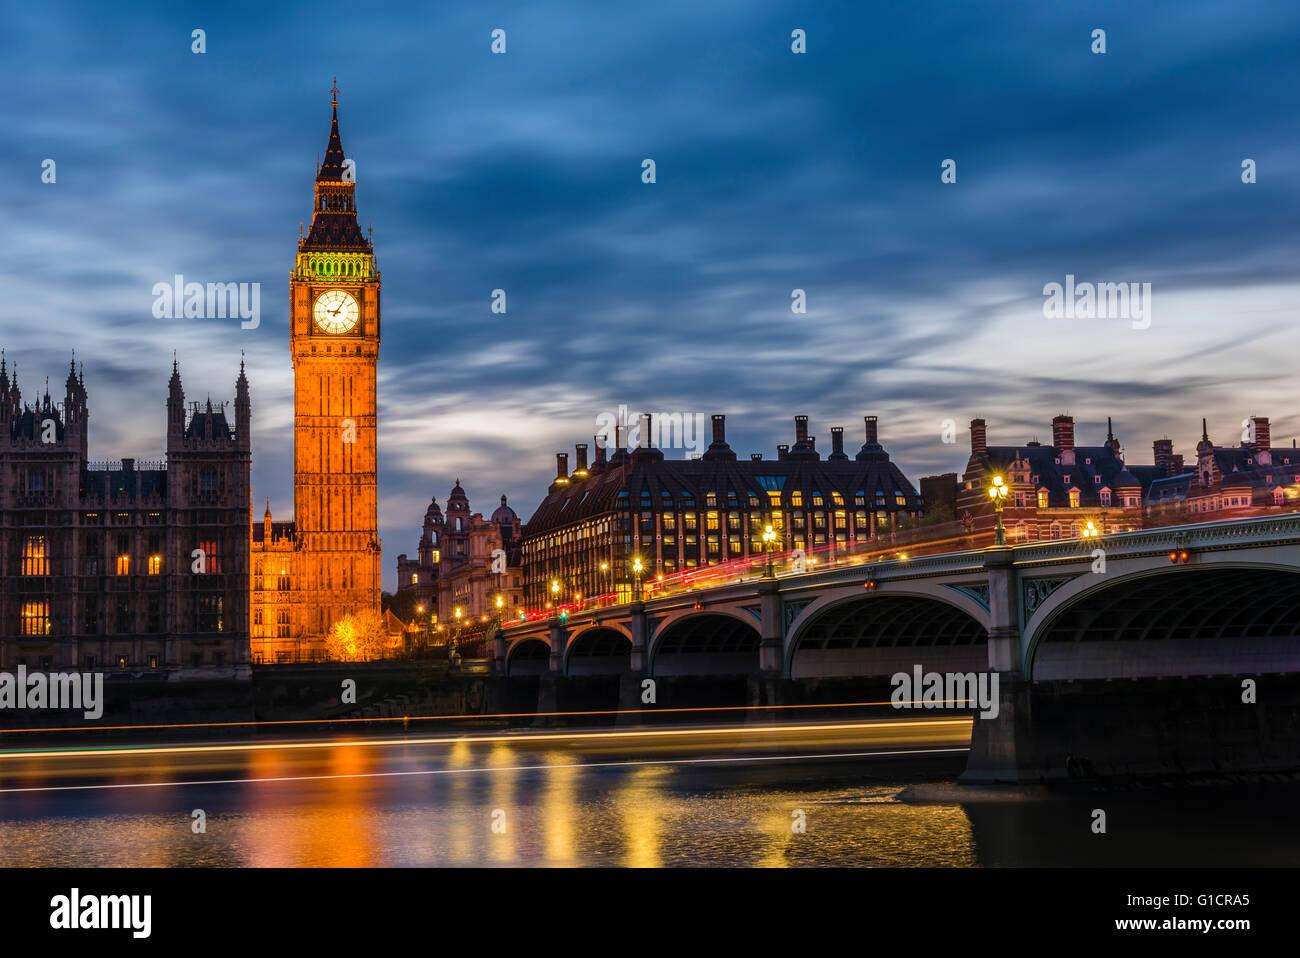 Une longue exposition au crépuscule d'autobus sur le pont de Westminster et bateaux sur la Tamise, Londres, Photo Stock